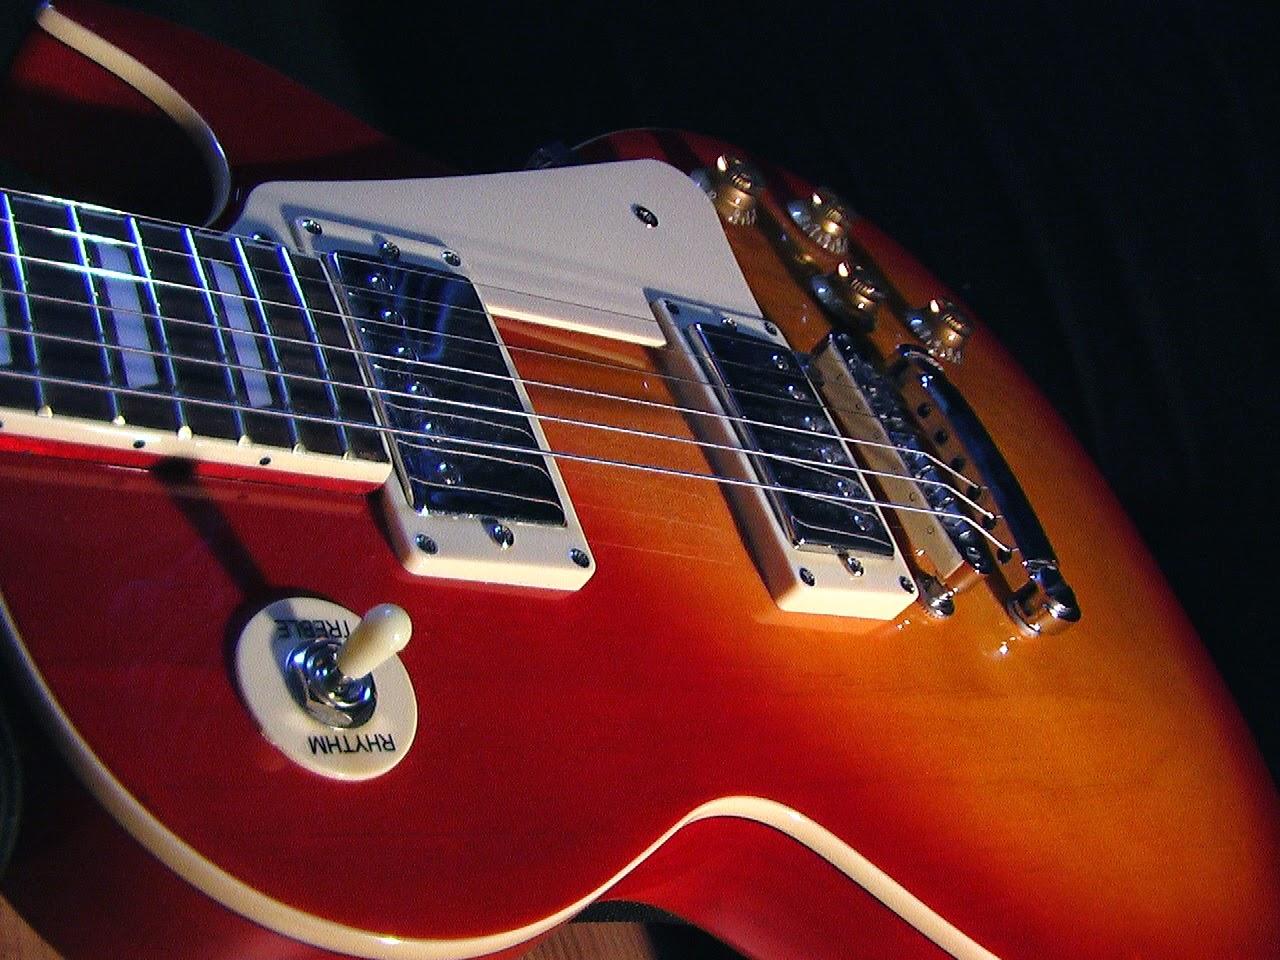 http://www.guitarcoast.com/2015/04/tipos-de-captadores-single-coil.html